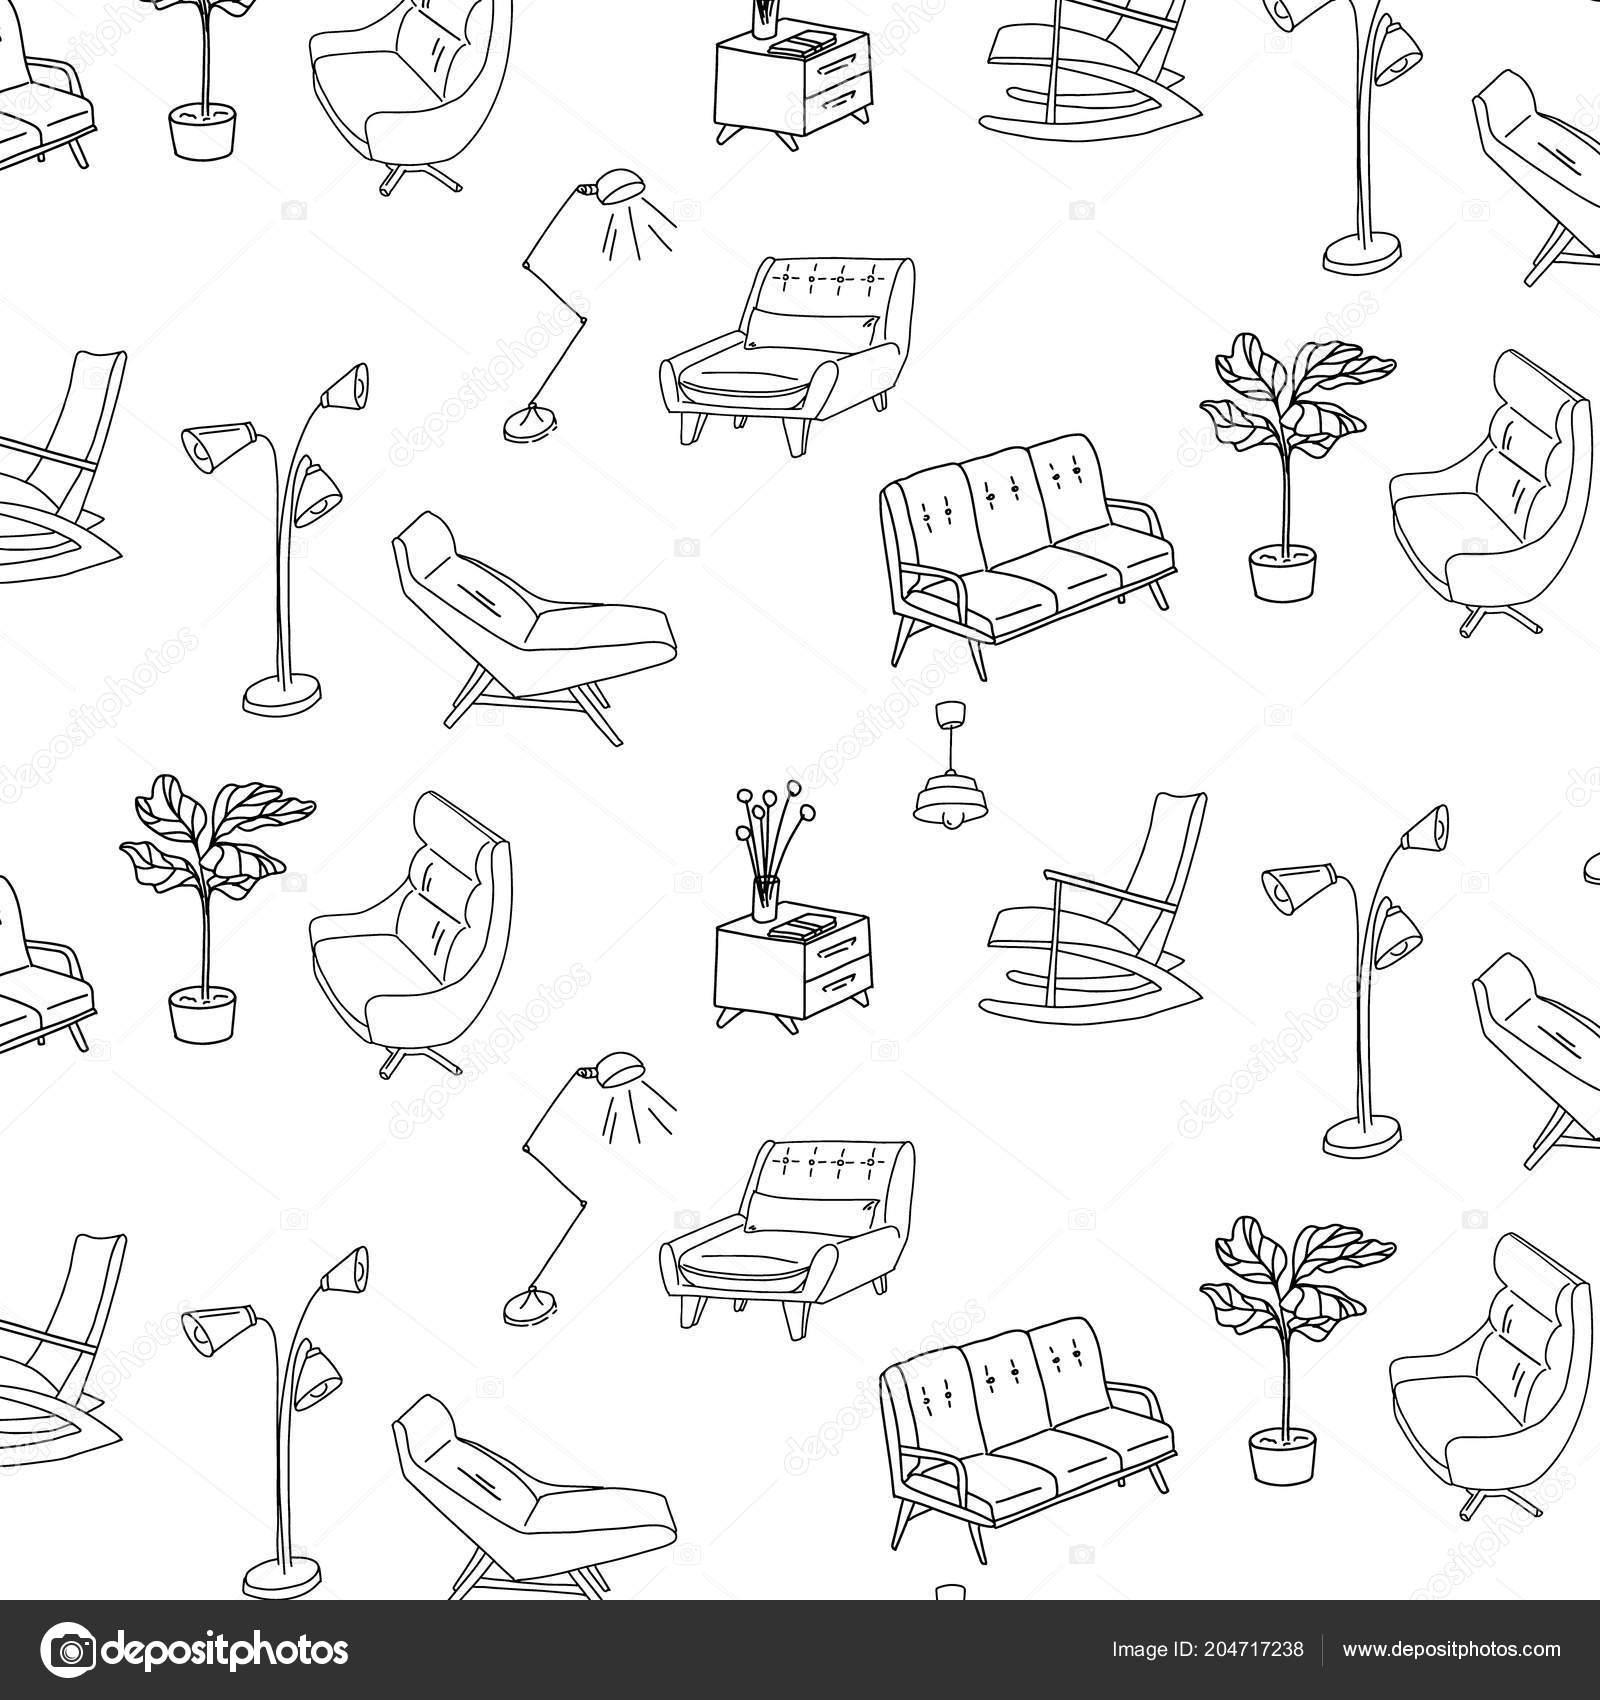 jaren 60 stijl meubelen interieur schets patroon leuke decoratie oppervlakte vector retro sofa lamp leunstoel en nachtkastje decoratie